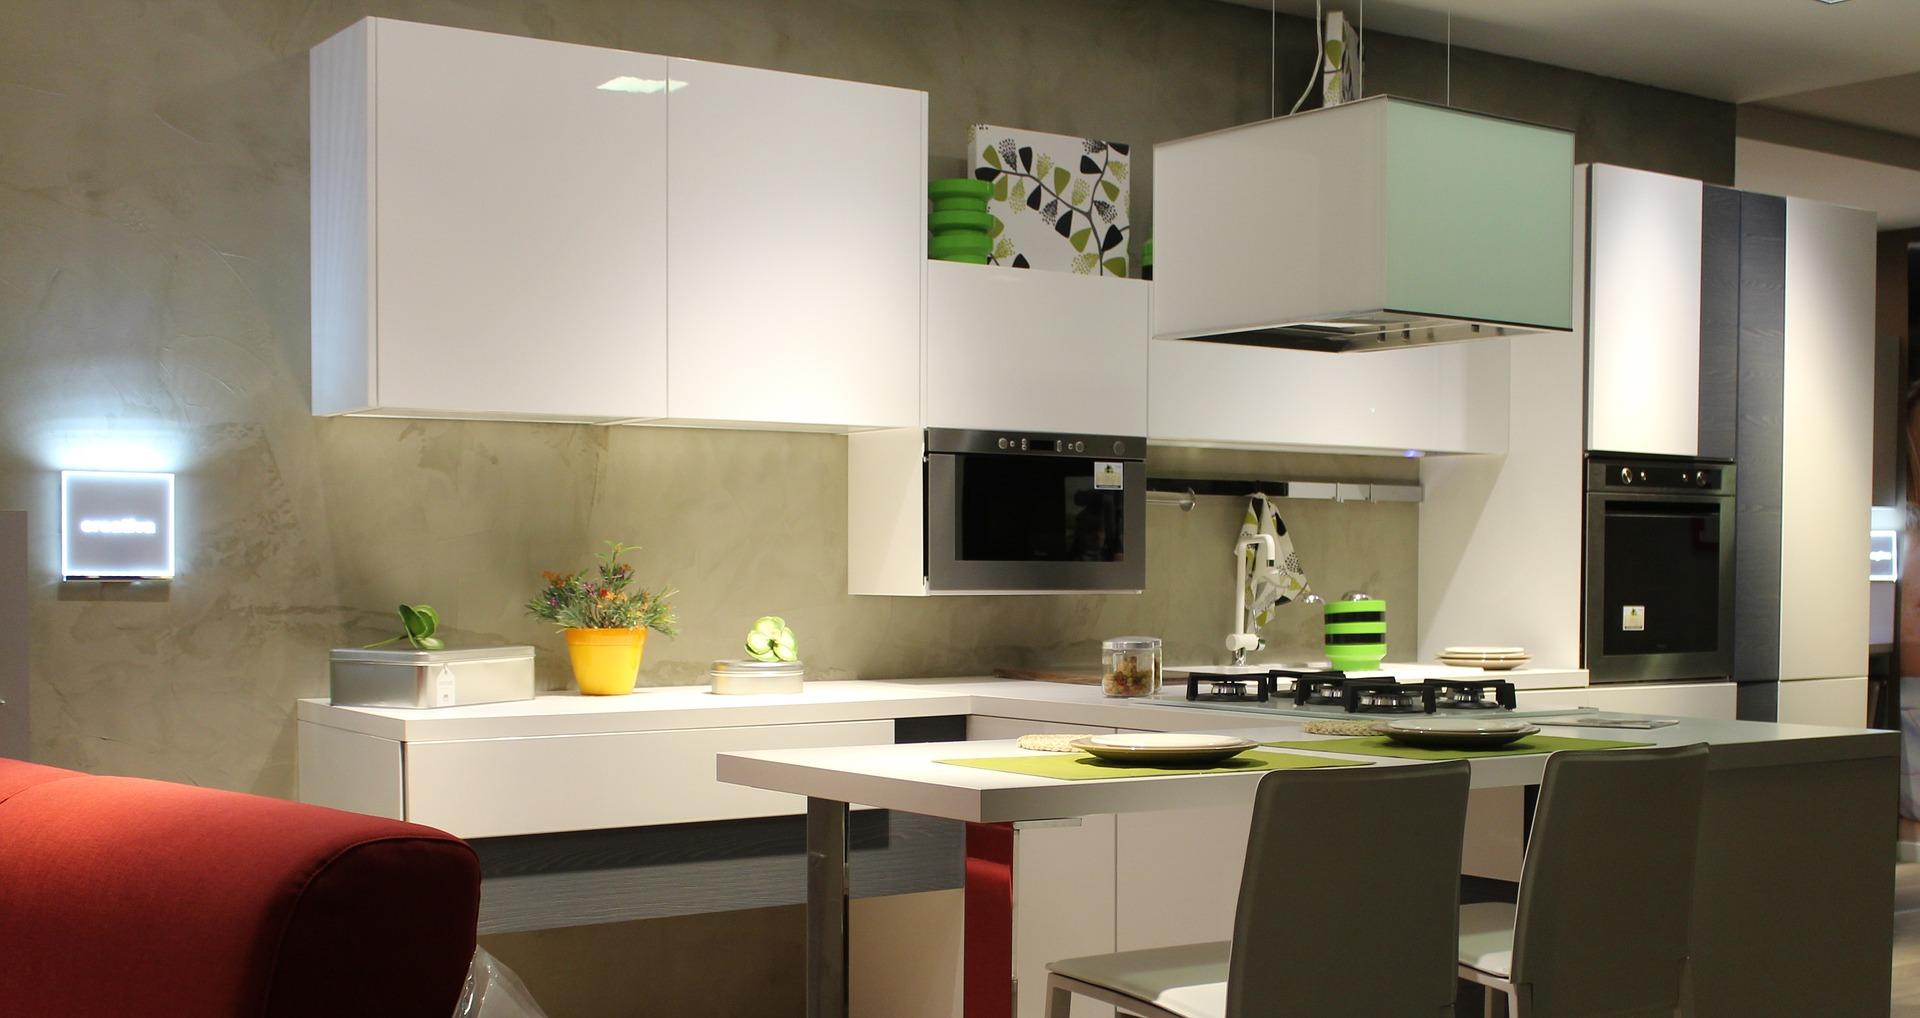 Reforma de cocinas, 5 claves para diseñar la cocina perfecta